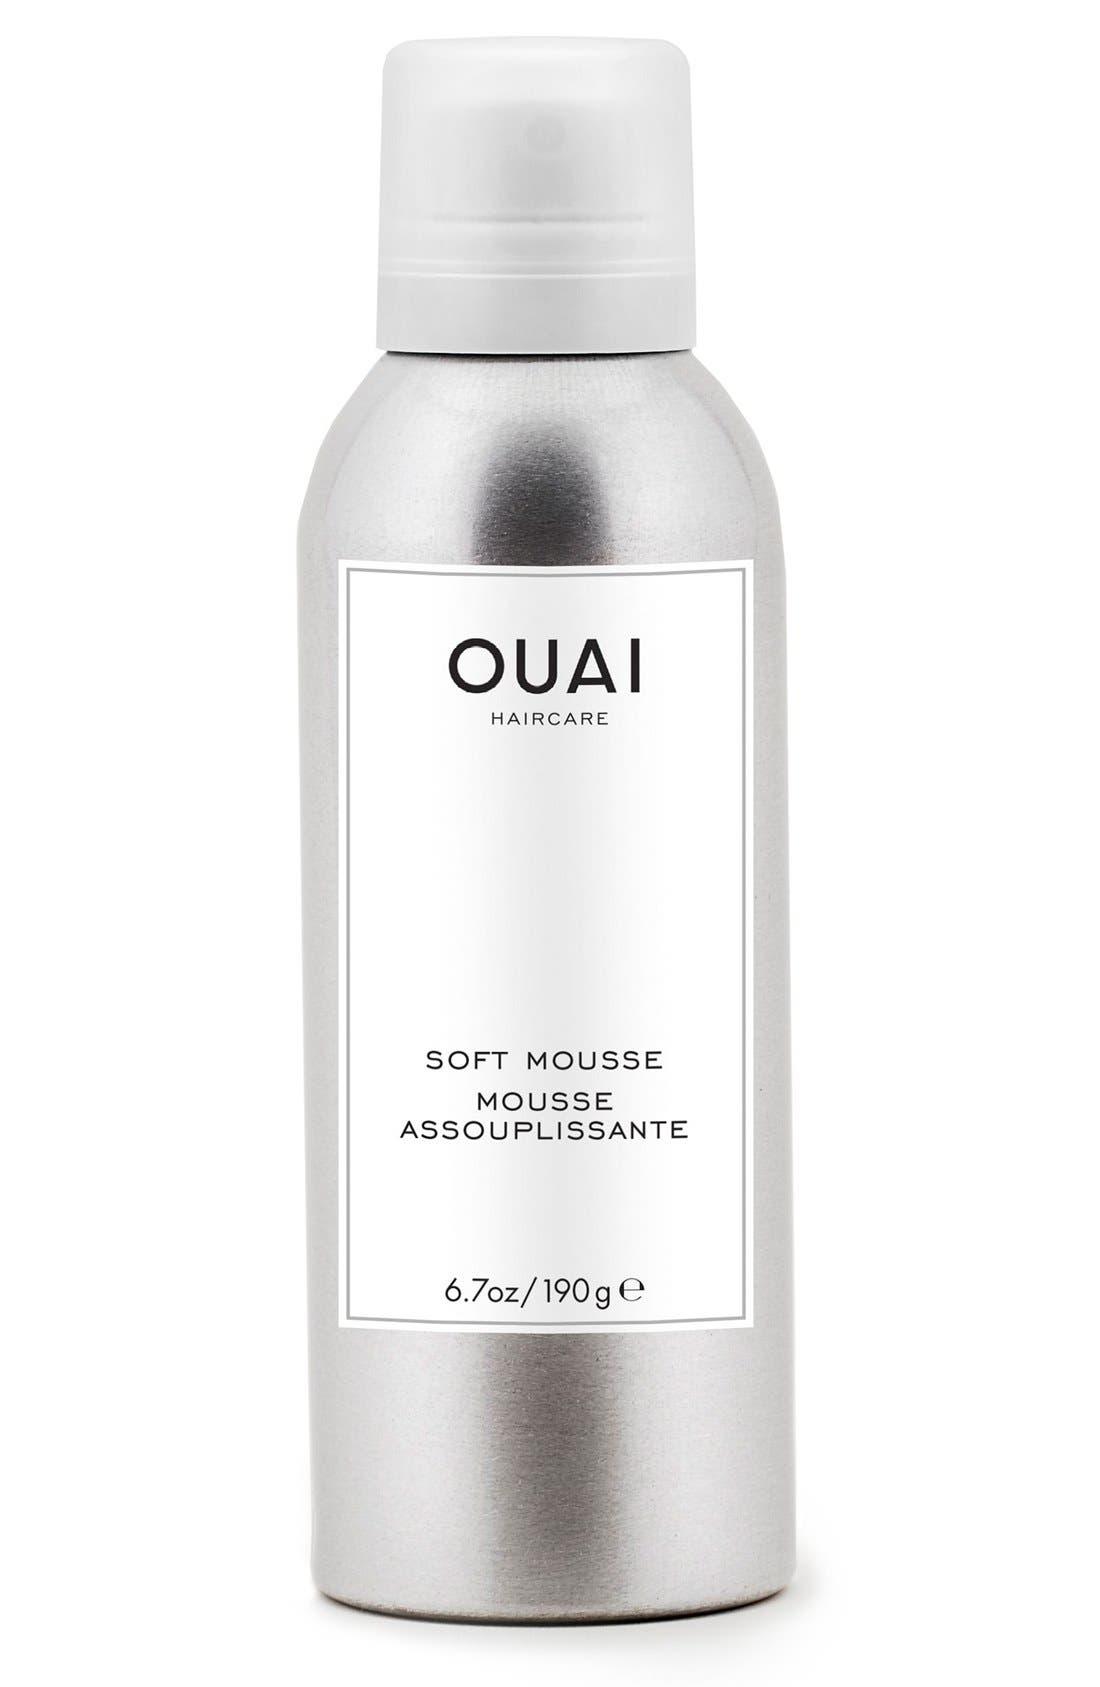 OUAI Soft Mousse